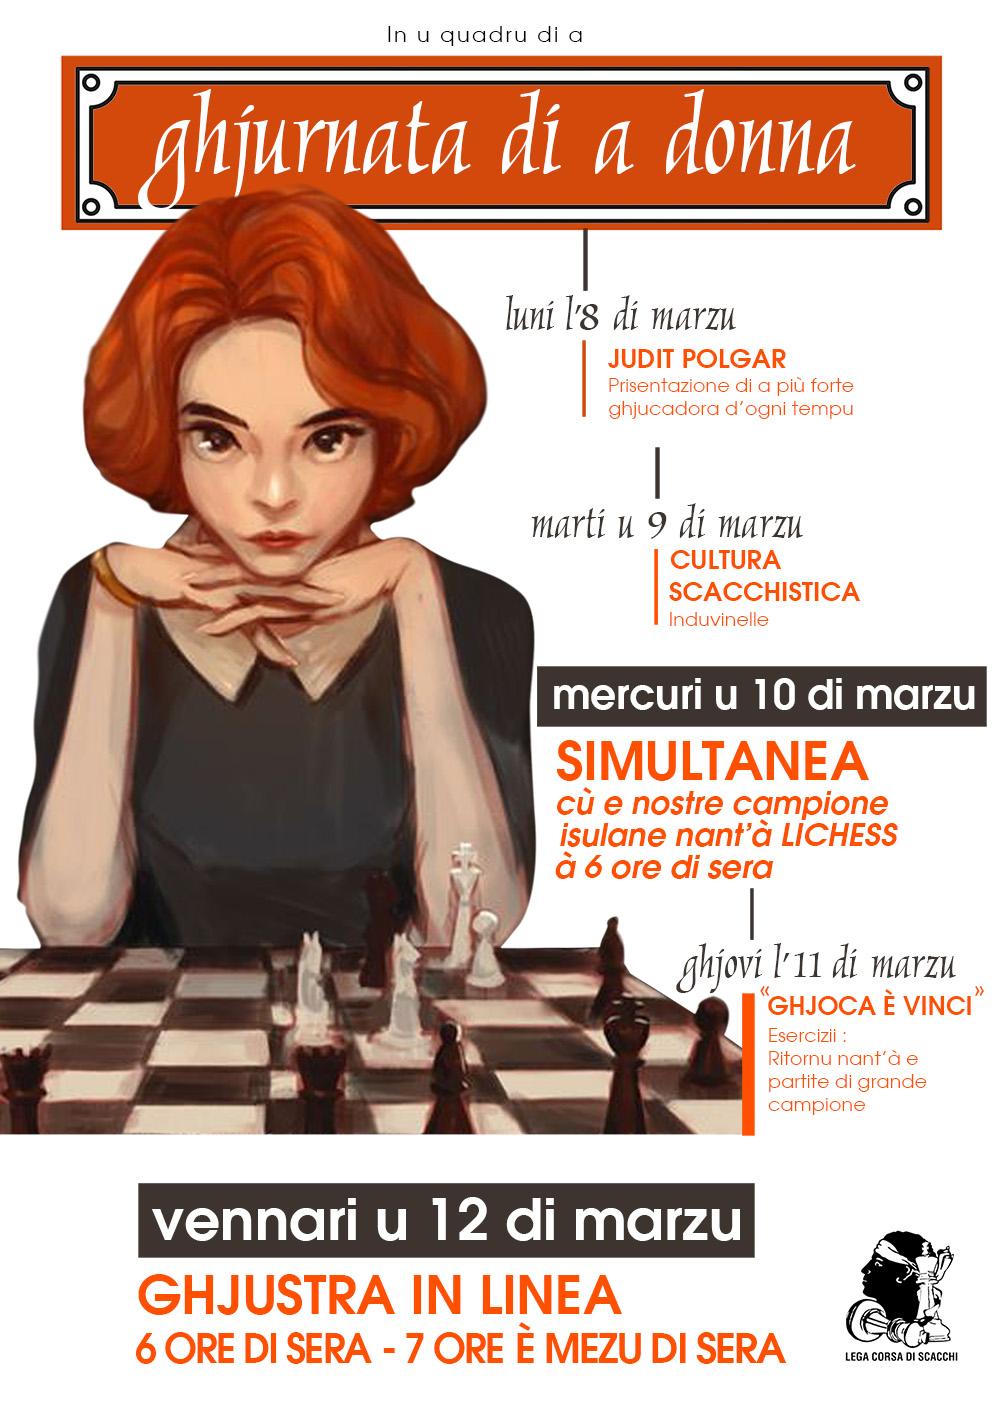 A Lega Corsa di Scacchi urganizeghja a so prima edizione di « A Settimana di a Donna » ! La ligue Corse d'échecs organise sa première édition de « La semaine de la femme » !